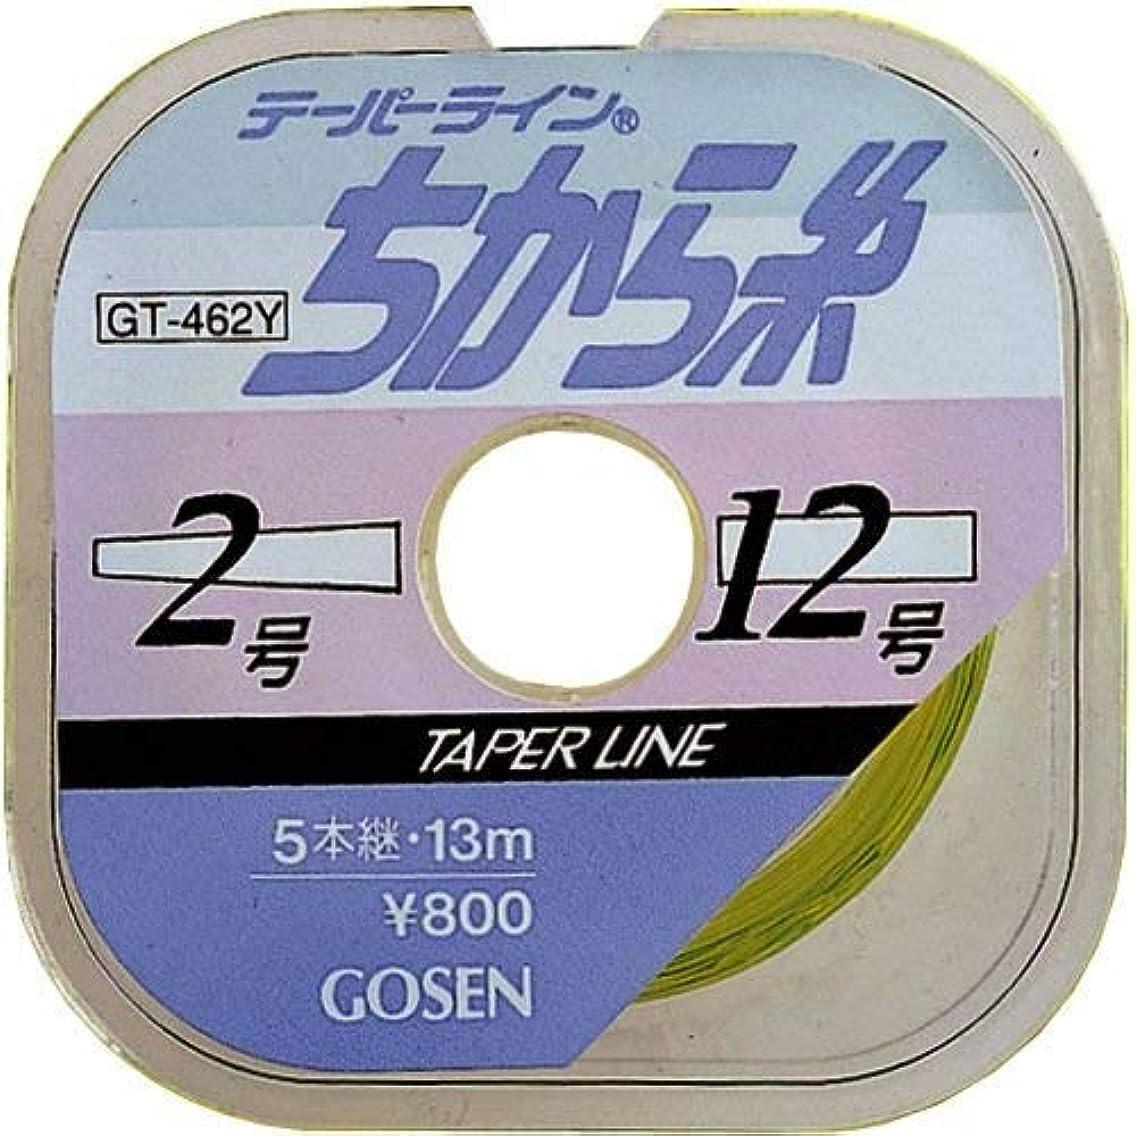 カストディアンスコア農業のゴーセン(GOSEN) ライン テーパーラインちから糸 5本巻 15m 白 3-8号 GT-462N GT462W